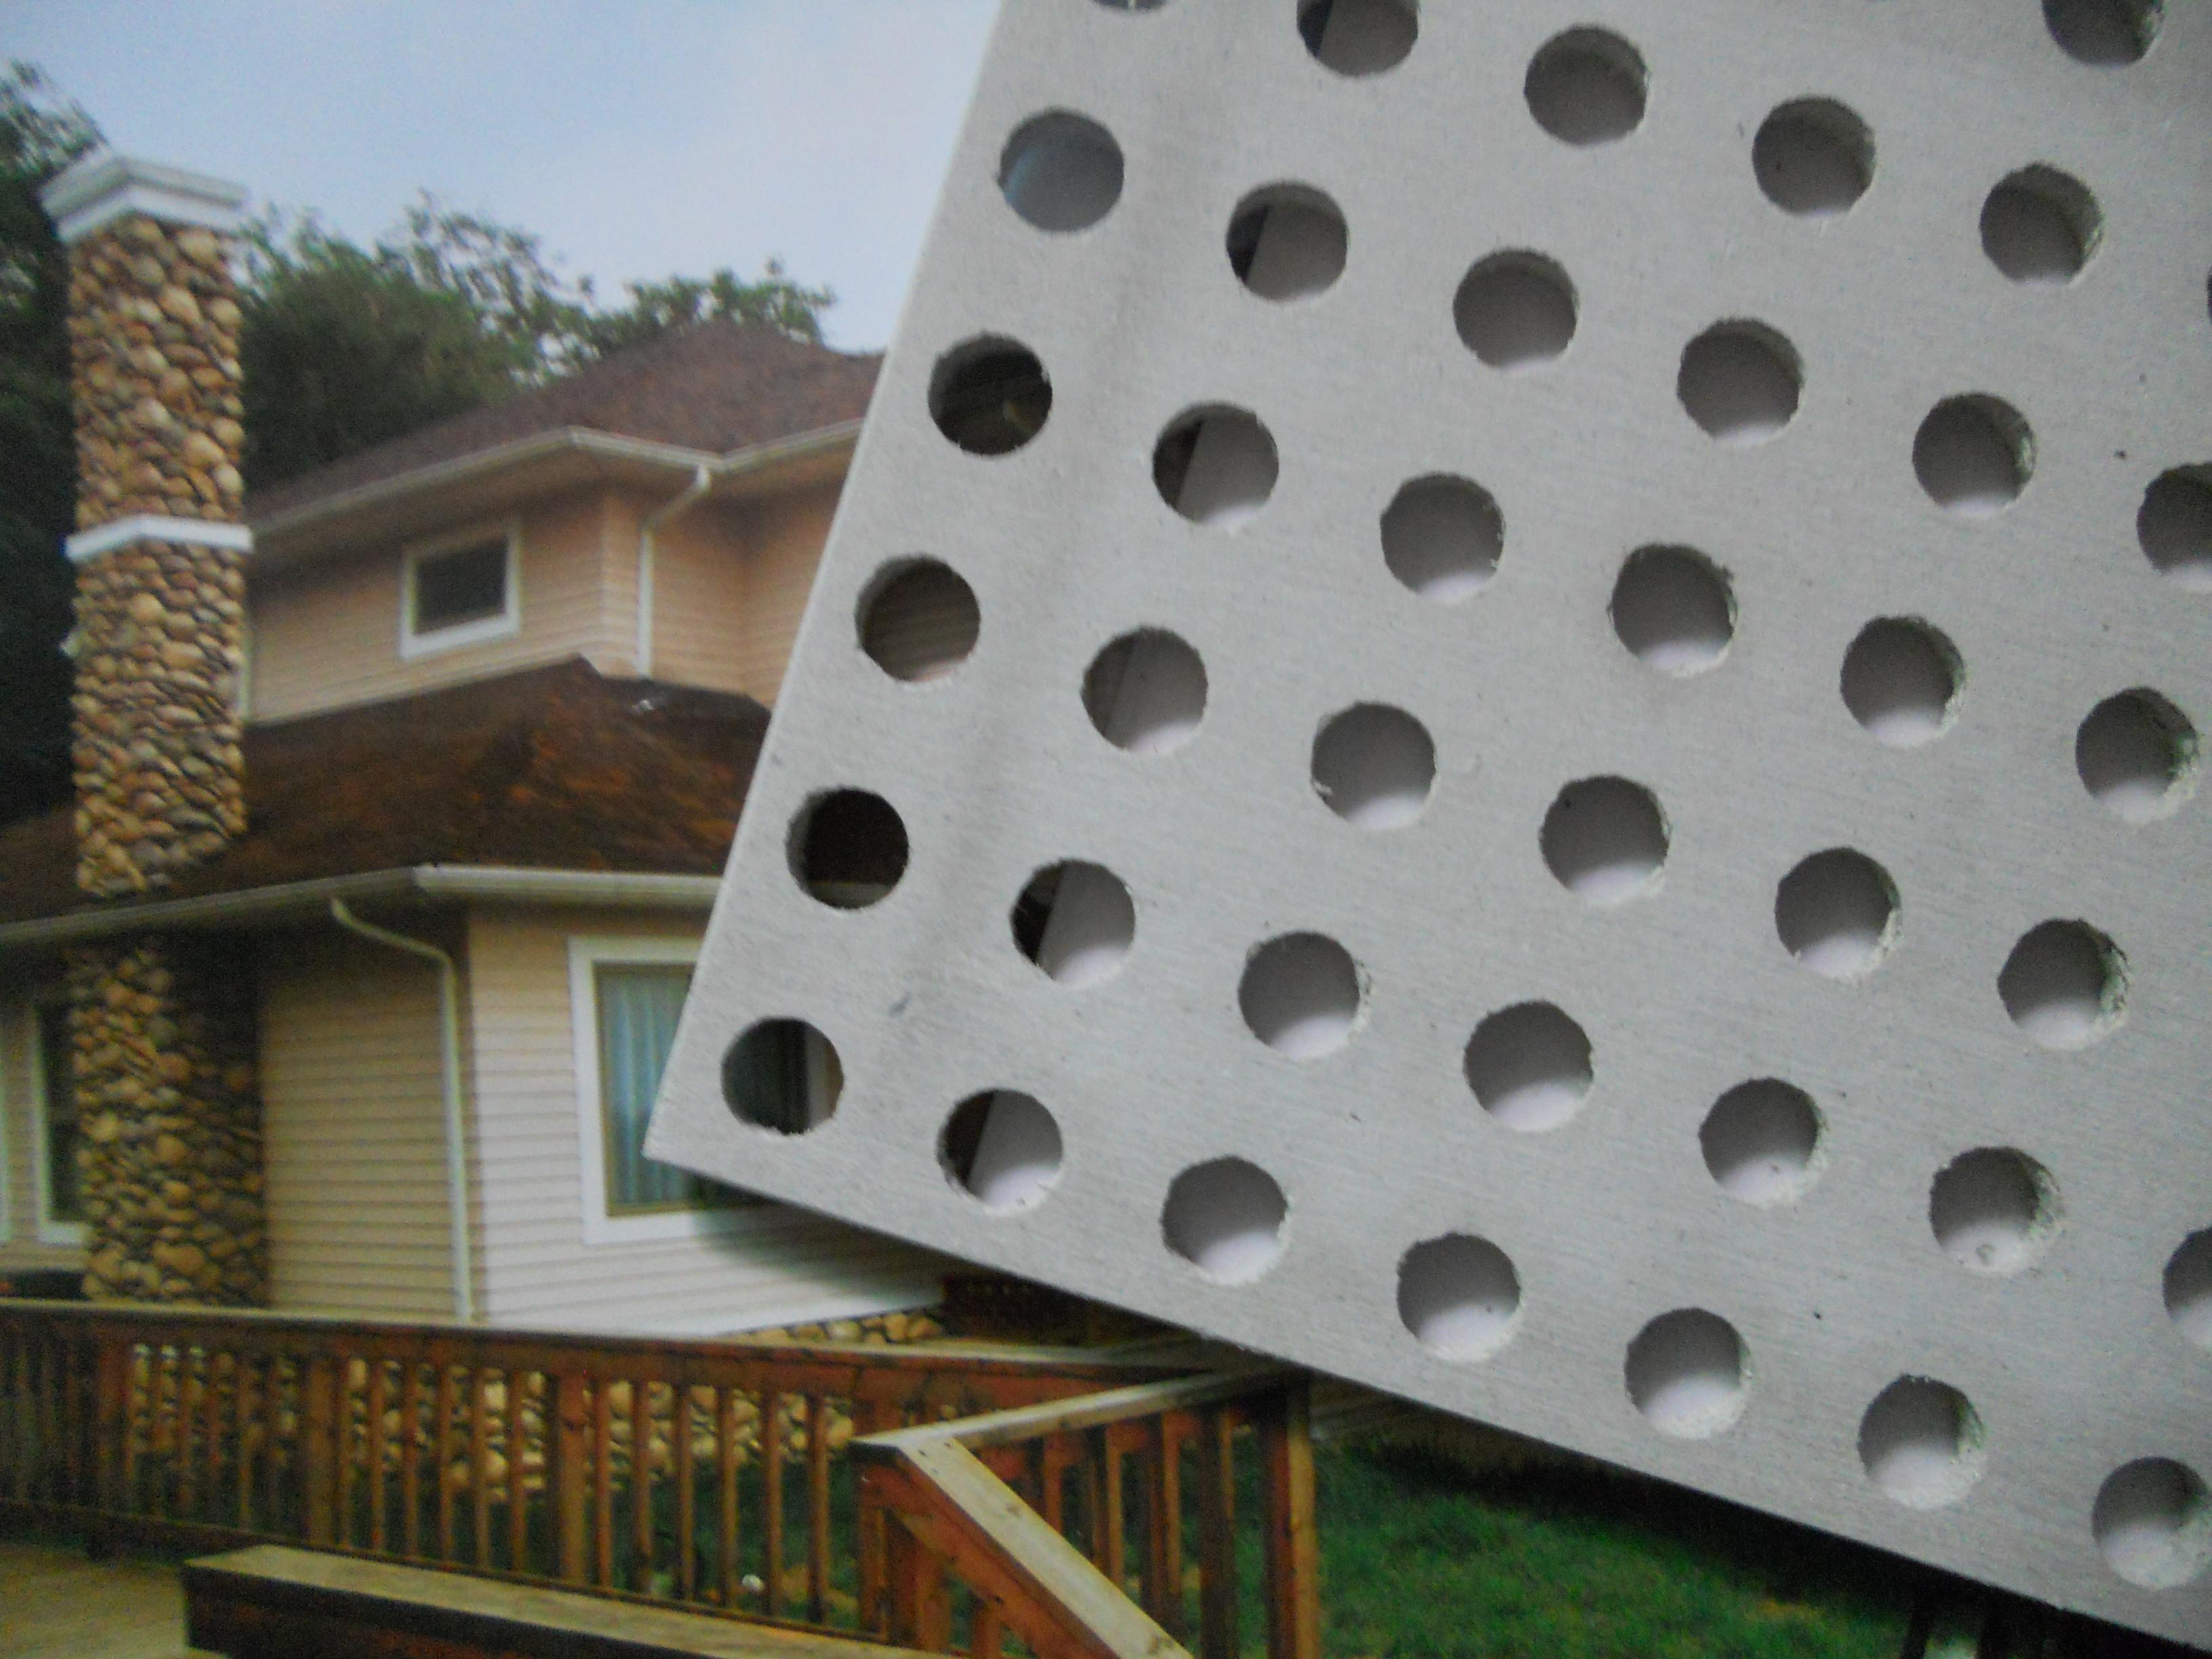 穿孔石膏板 穿孔吸音板 石膏吸音板 石膏穿孔板